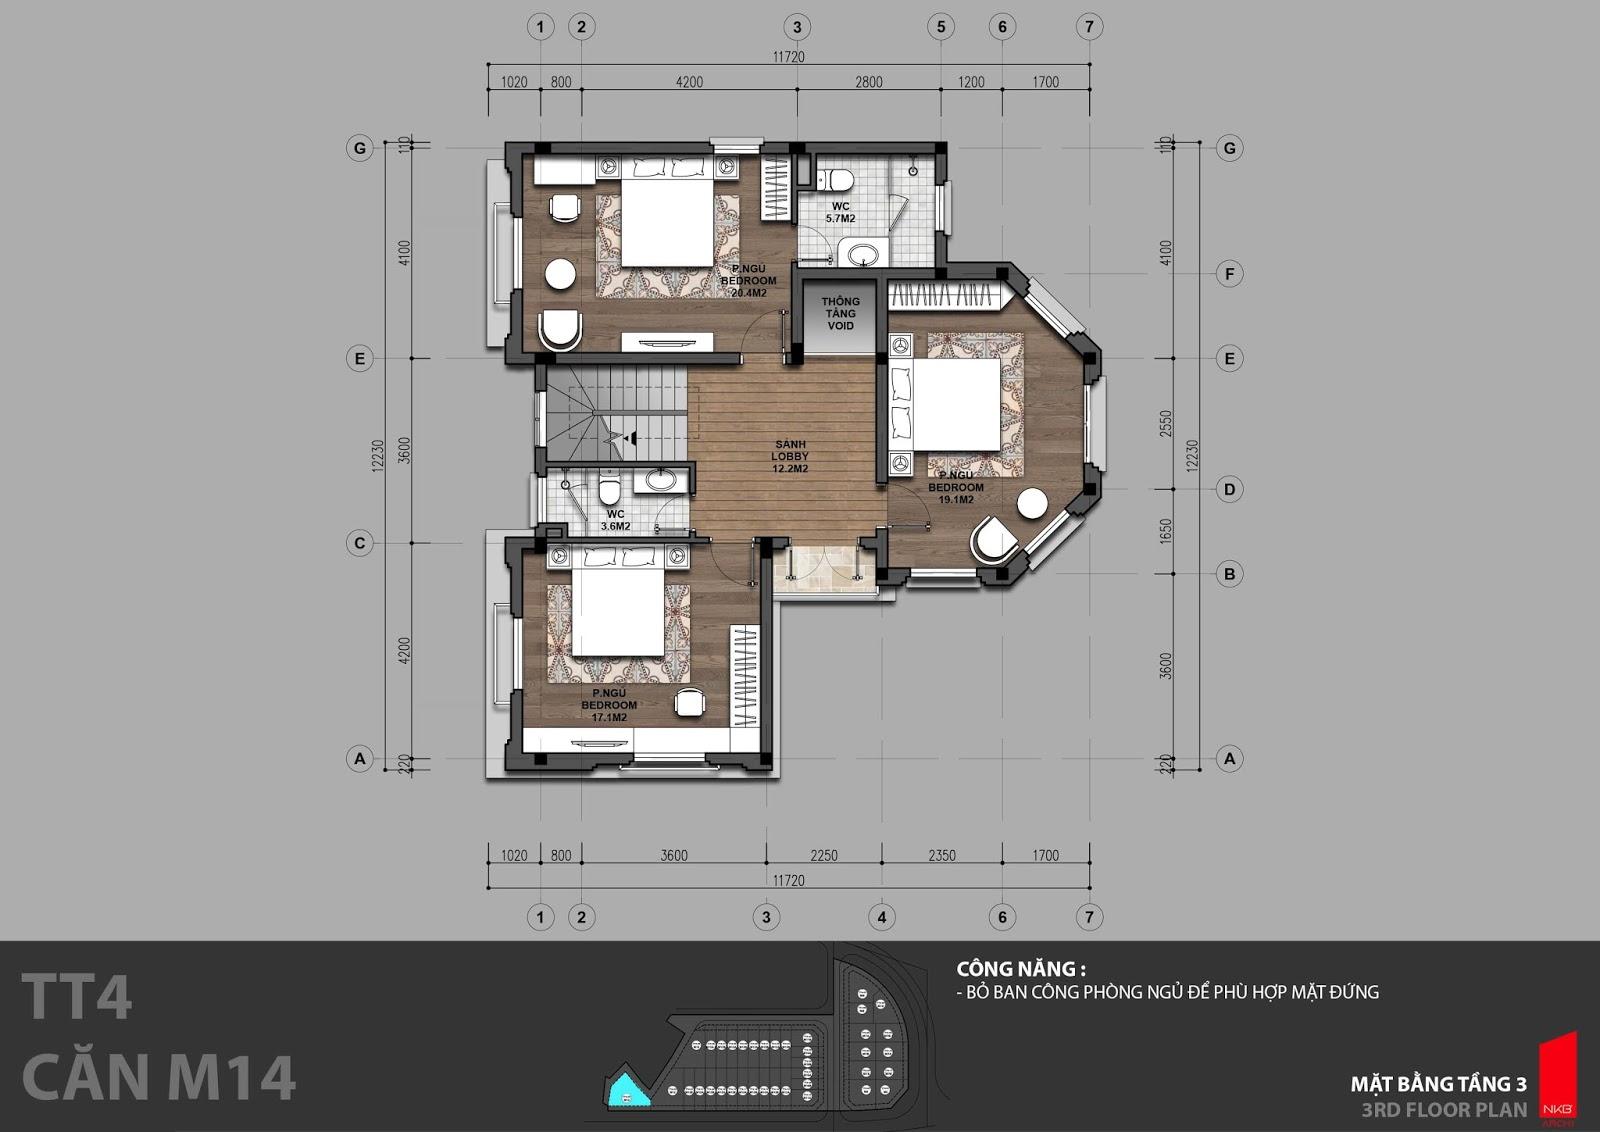 Mặt bằng tầng 3 biệt thự đơn lập